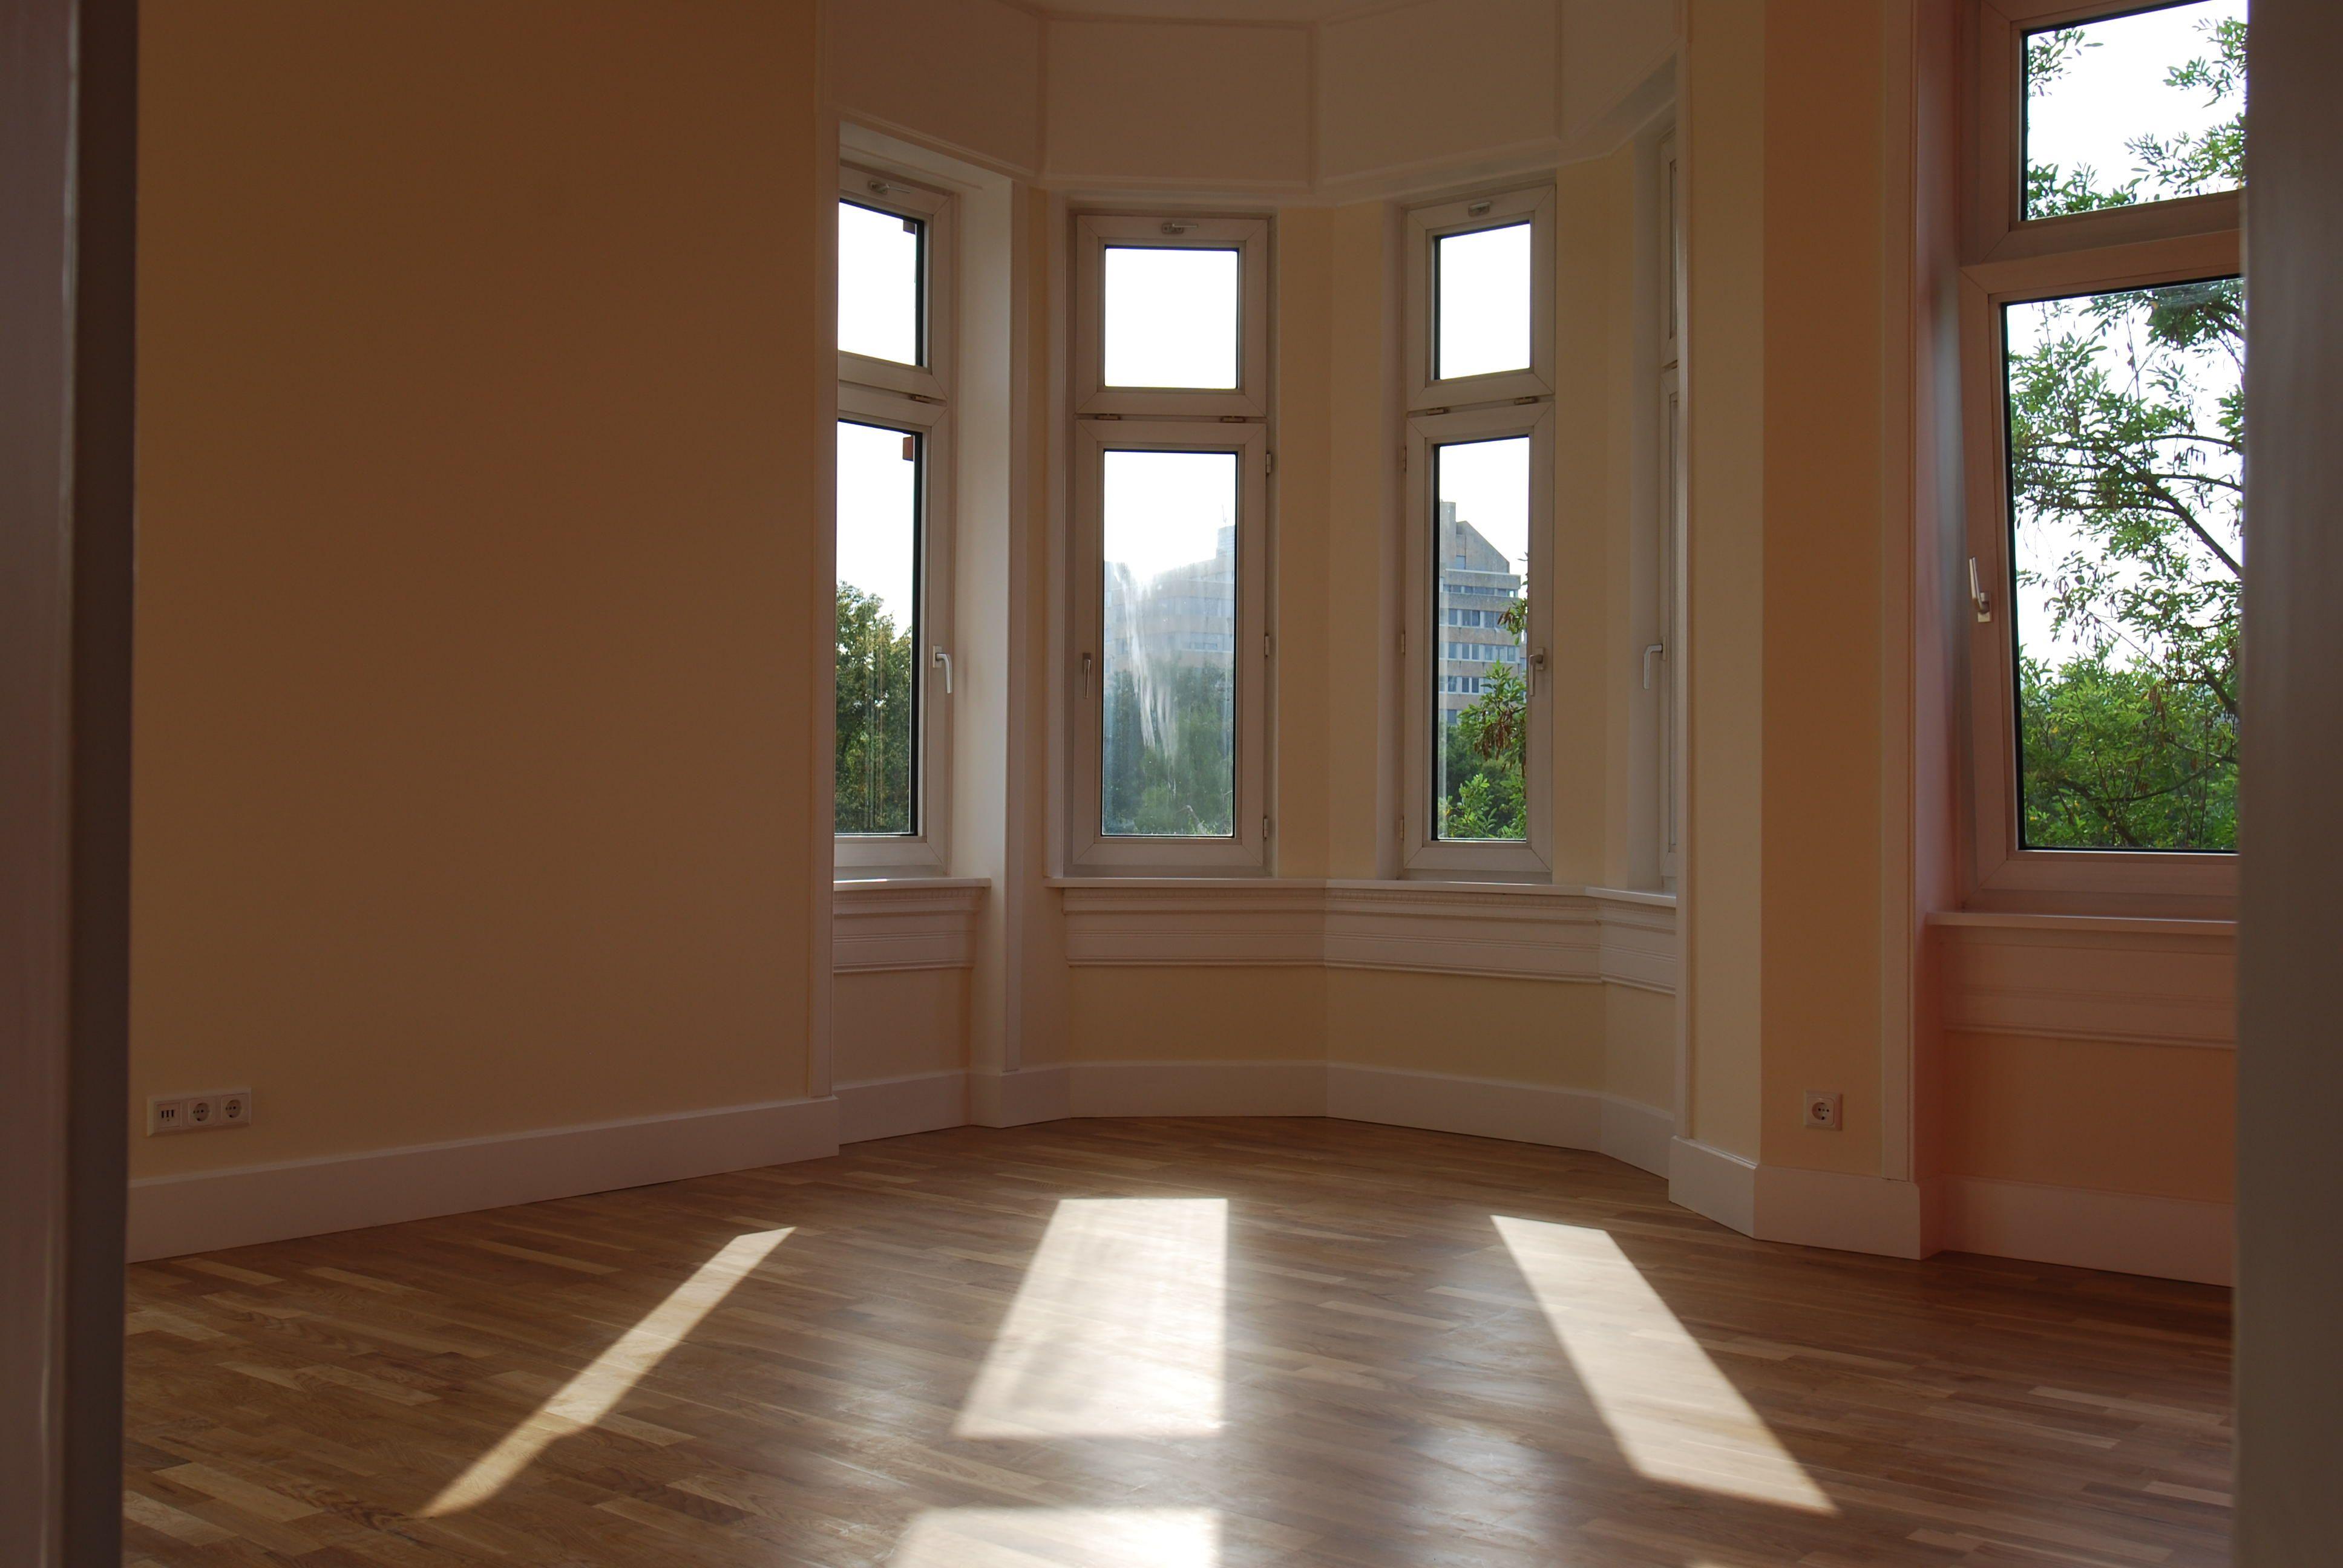 #Wohnzimmer #Altbau #Natur #Immobilie #systemimmo